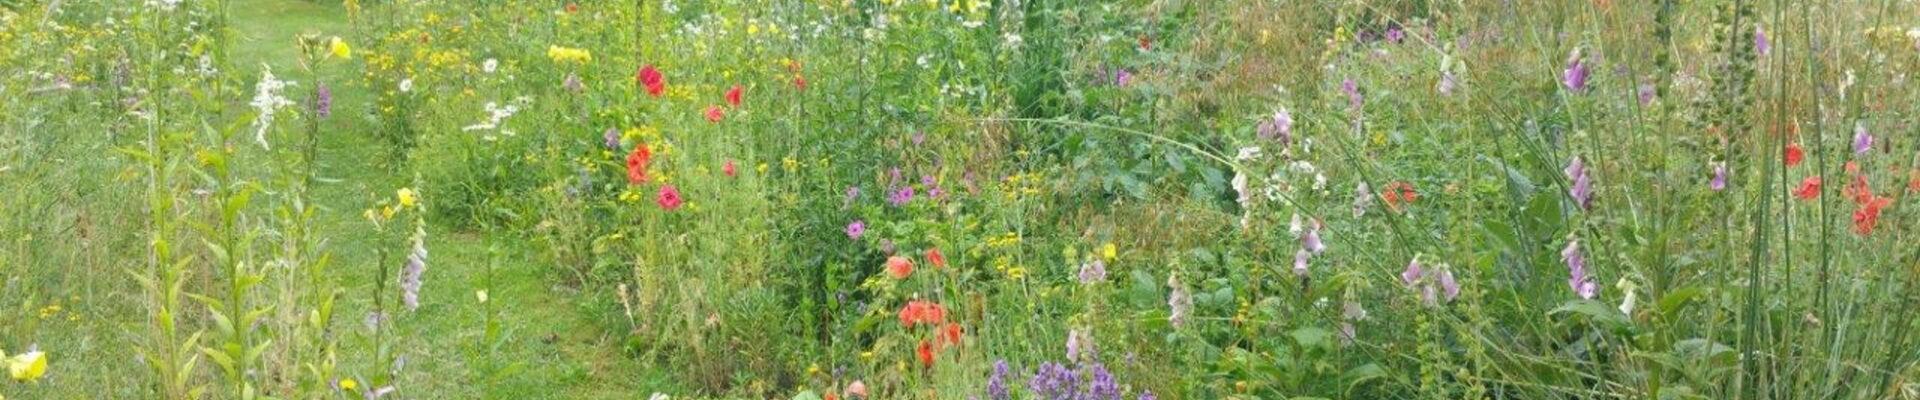 Subsidie provincie Drenthe voor groene bewonersinitiatieven voor bijen en vlinders